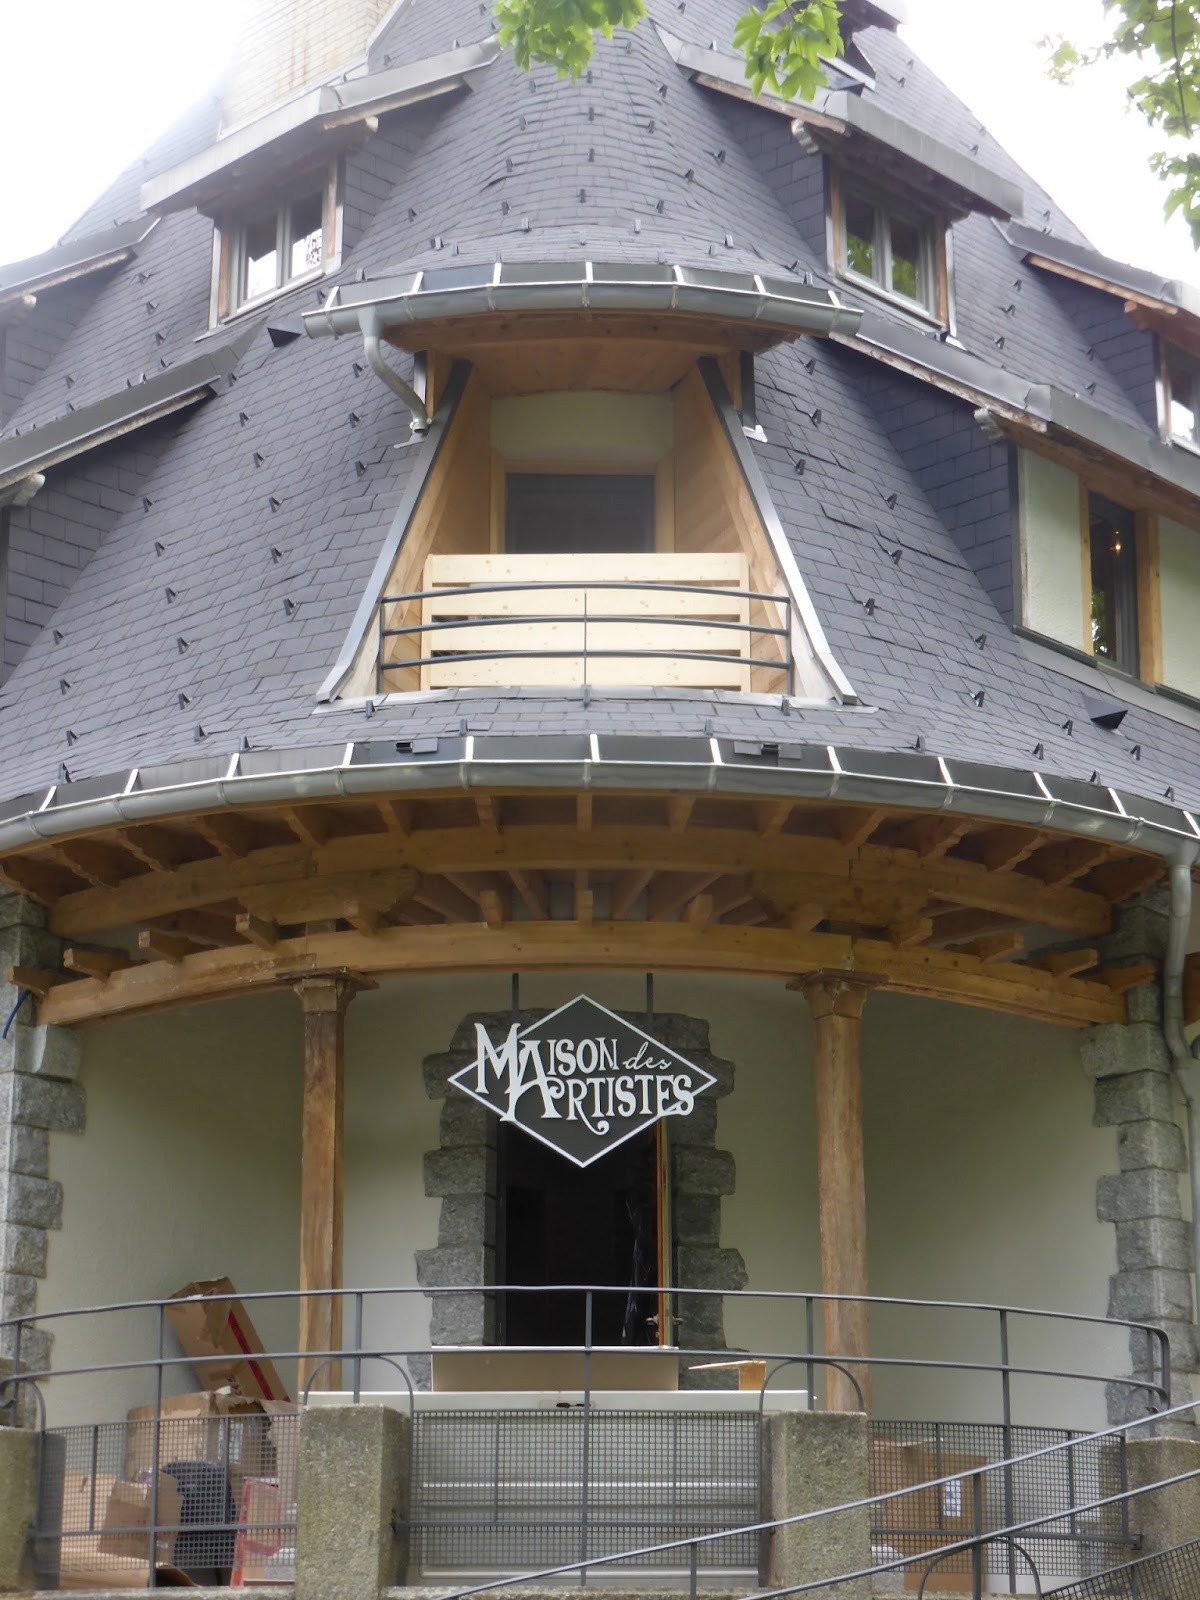 Blog d 39 eric lasserre la maison des artistes est lanc e for Agessa maison des artistes